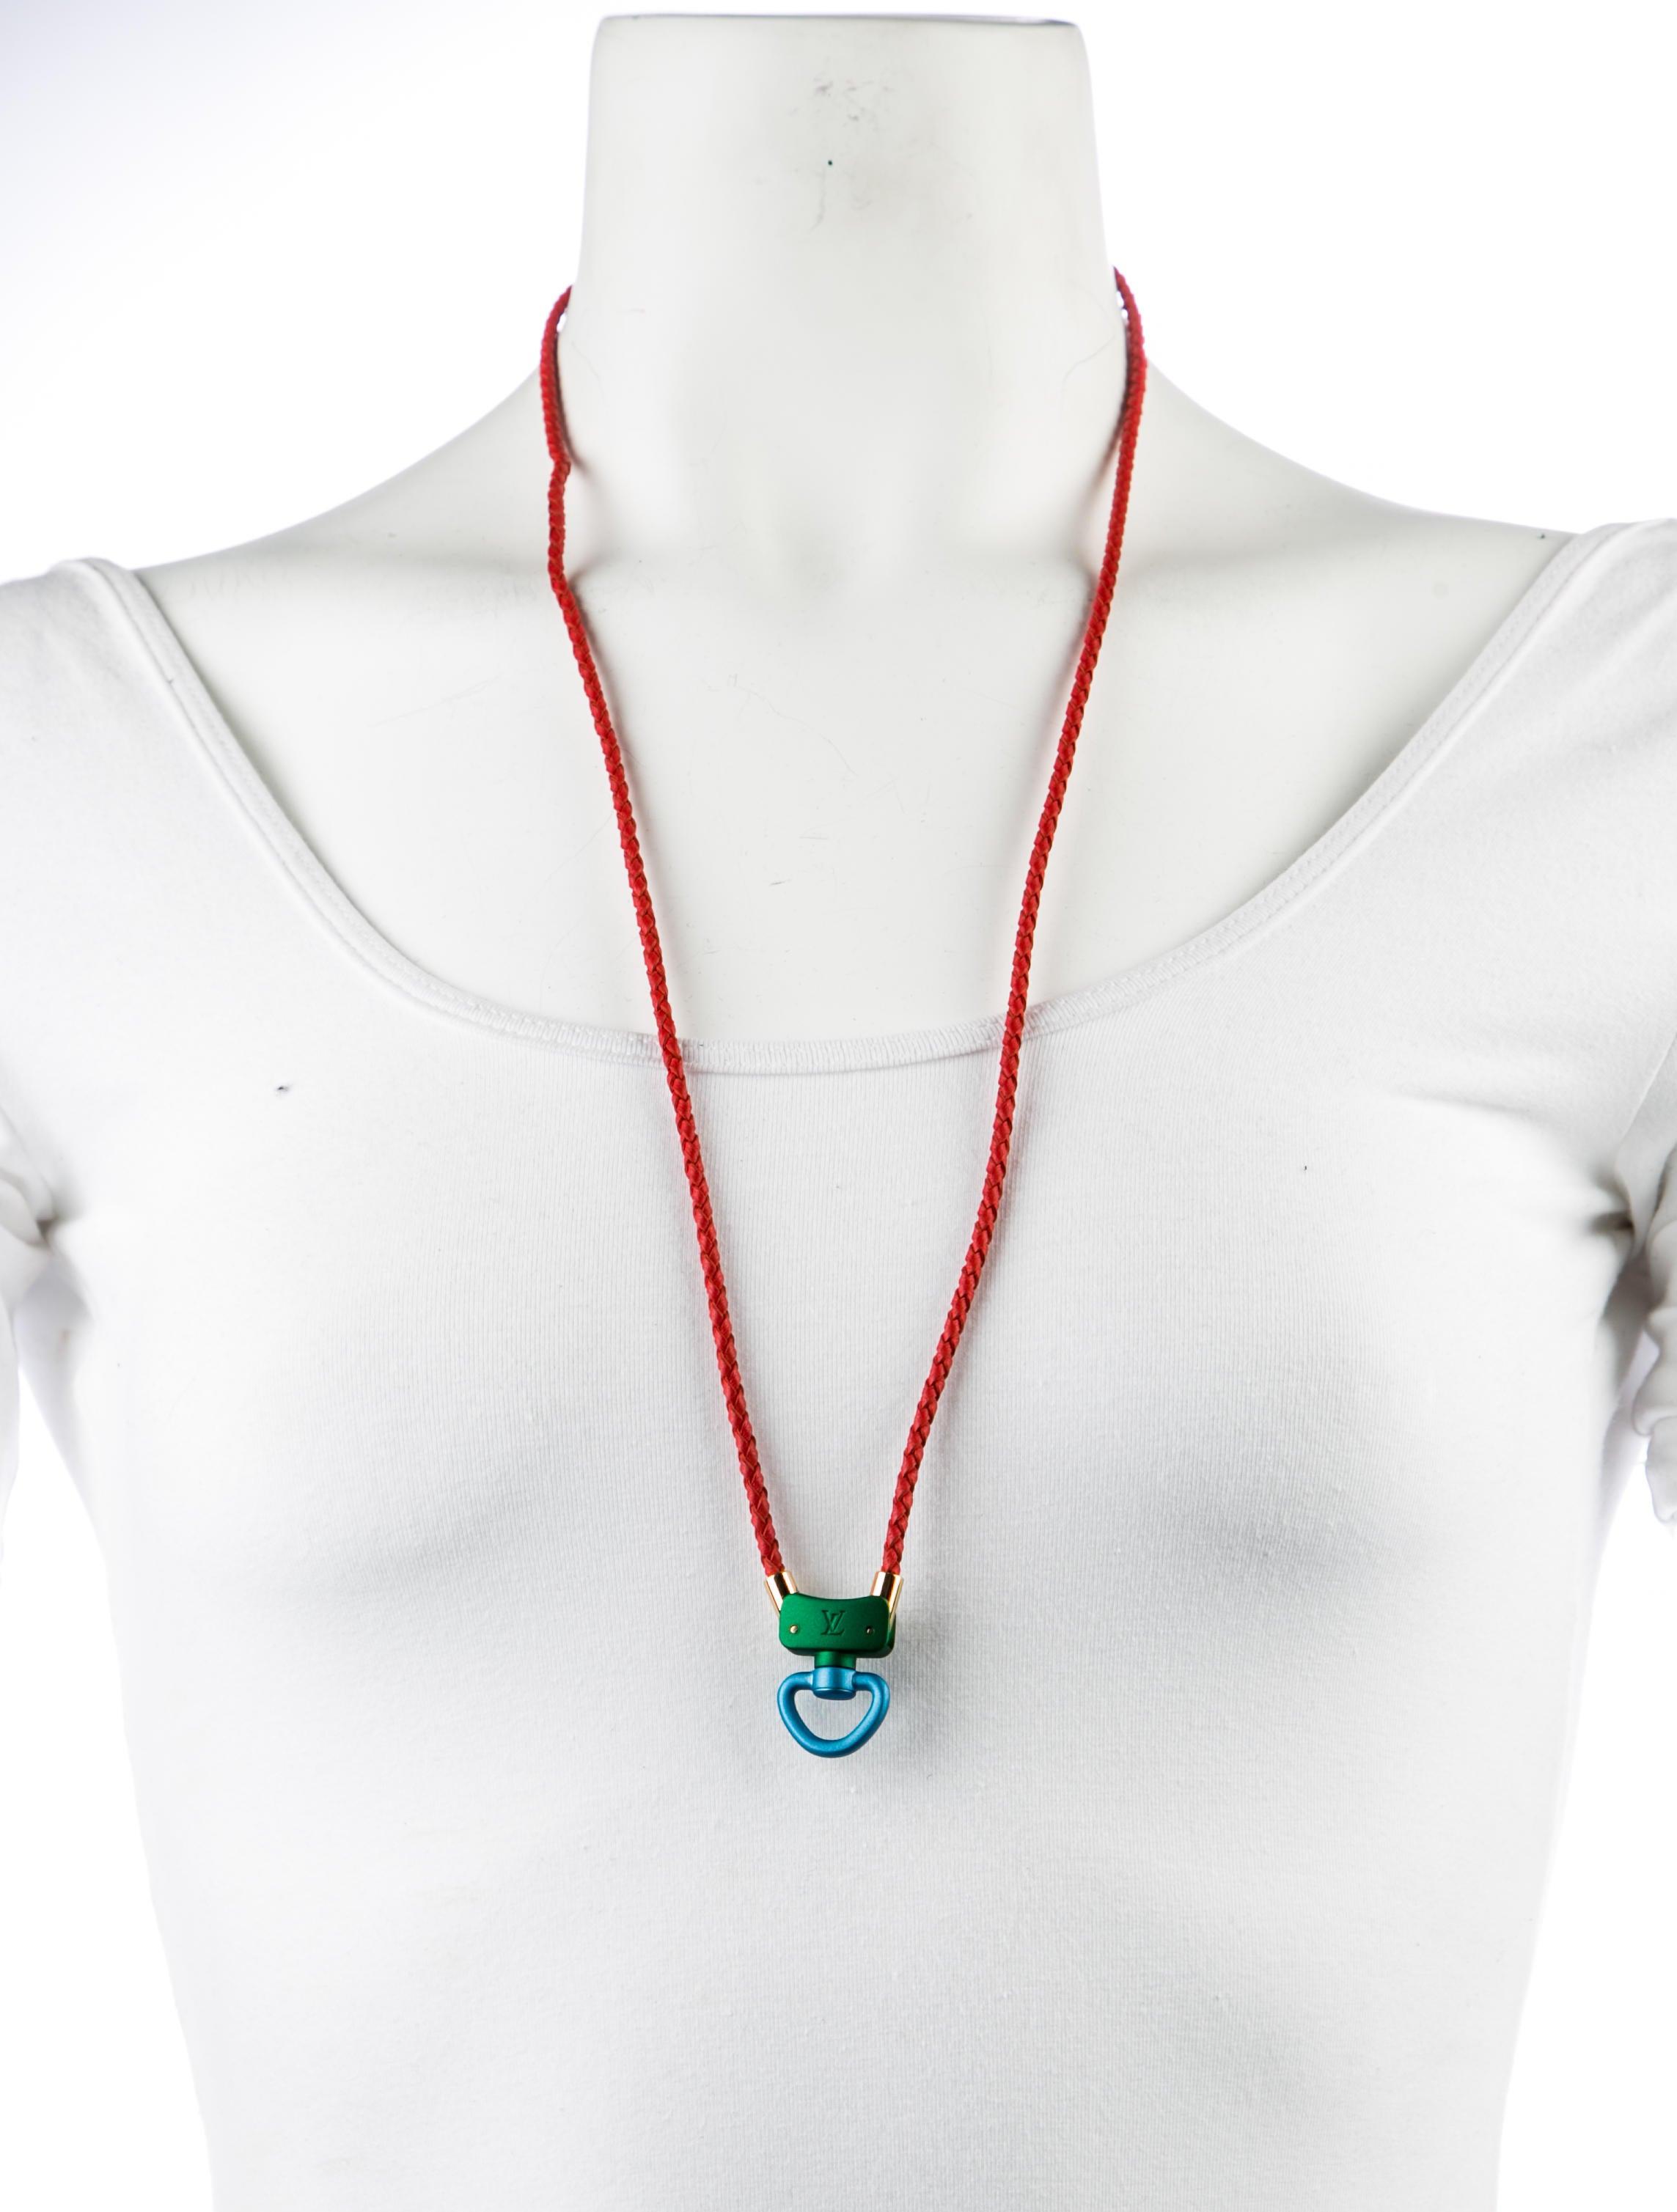 louis vuitton leather pendant necklace necklaces